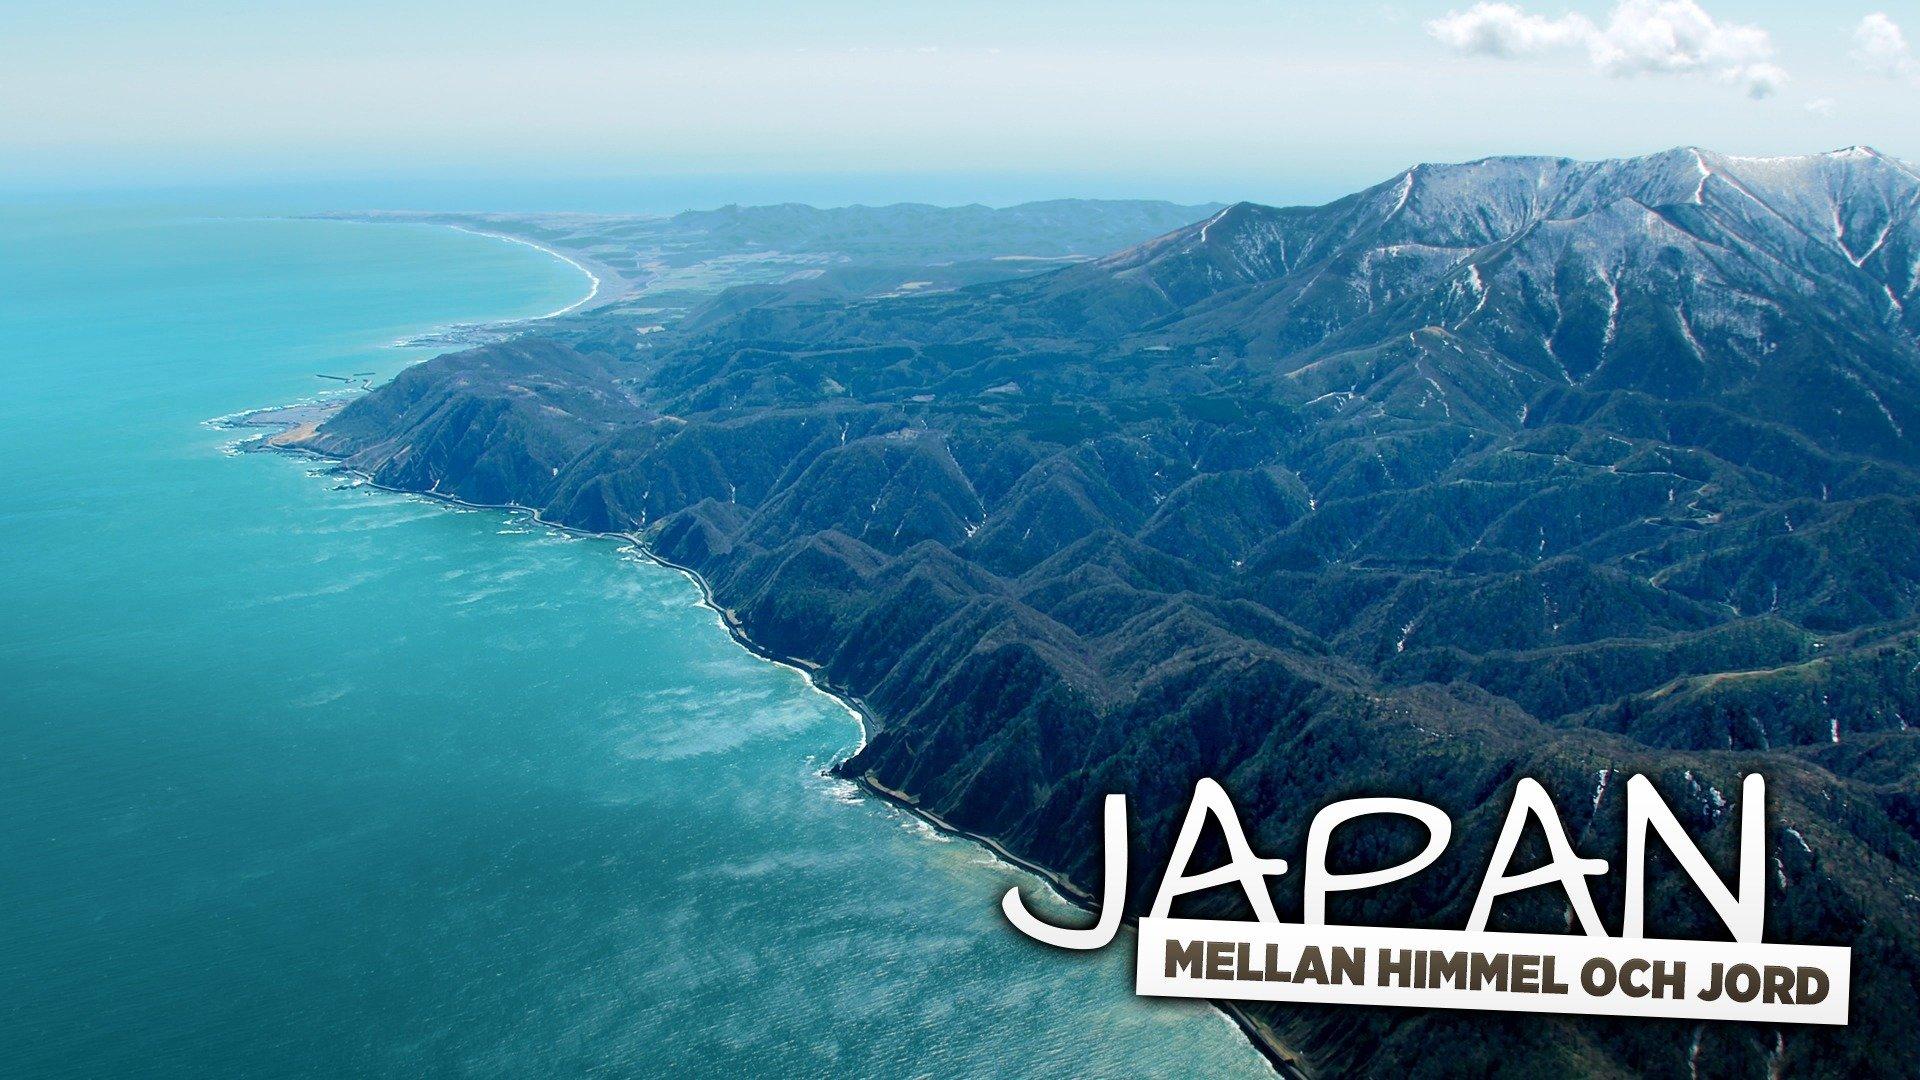 Japan: Mellan himmel och jord